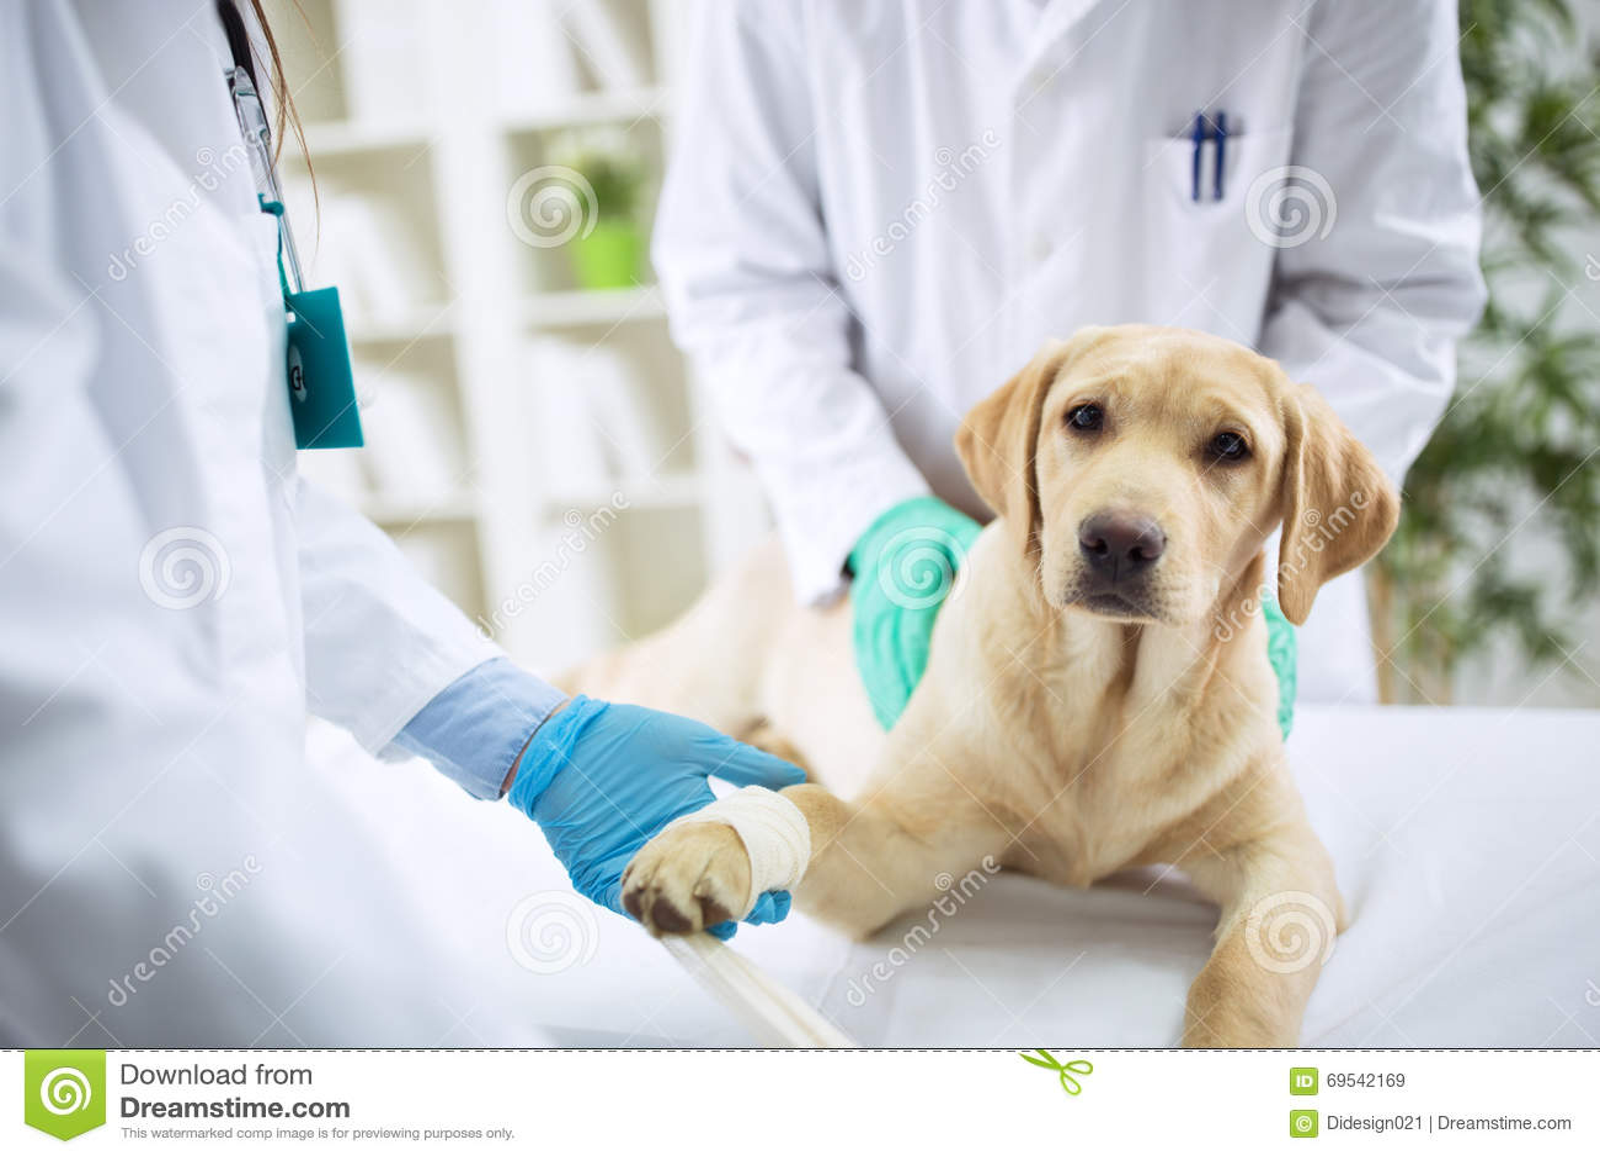 对待在手术的兽医狗